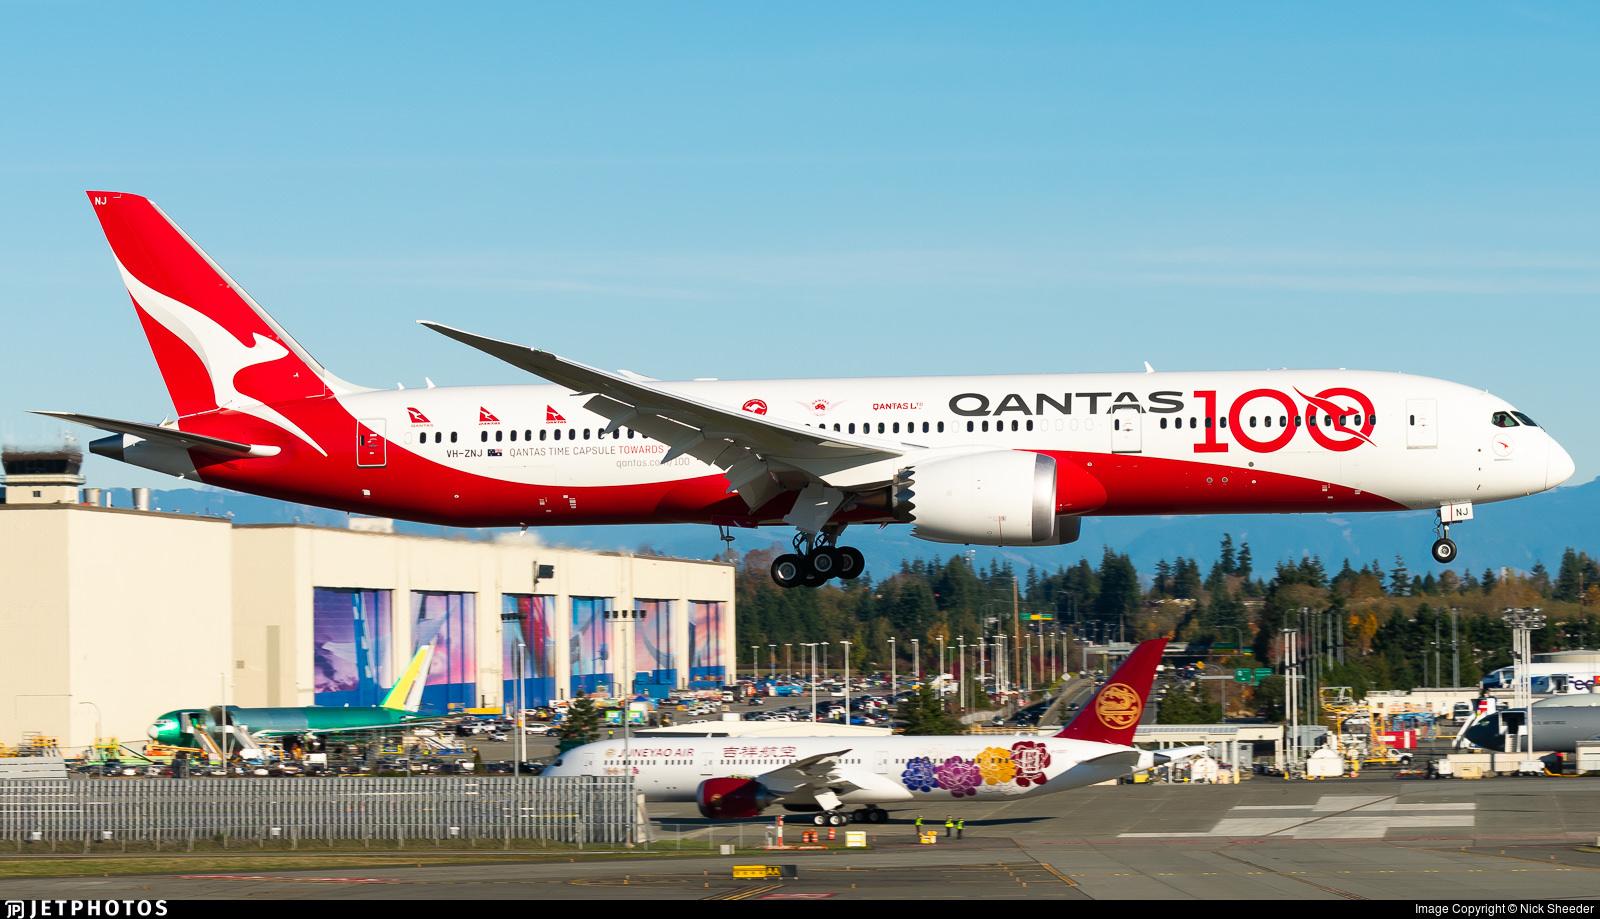 Qantas' 100th anniversary livery 787